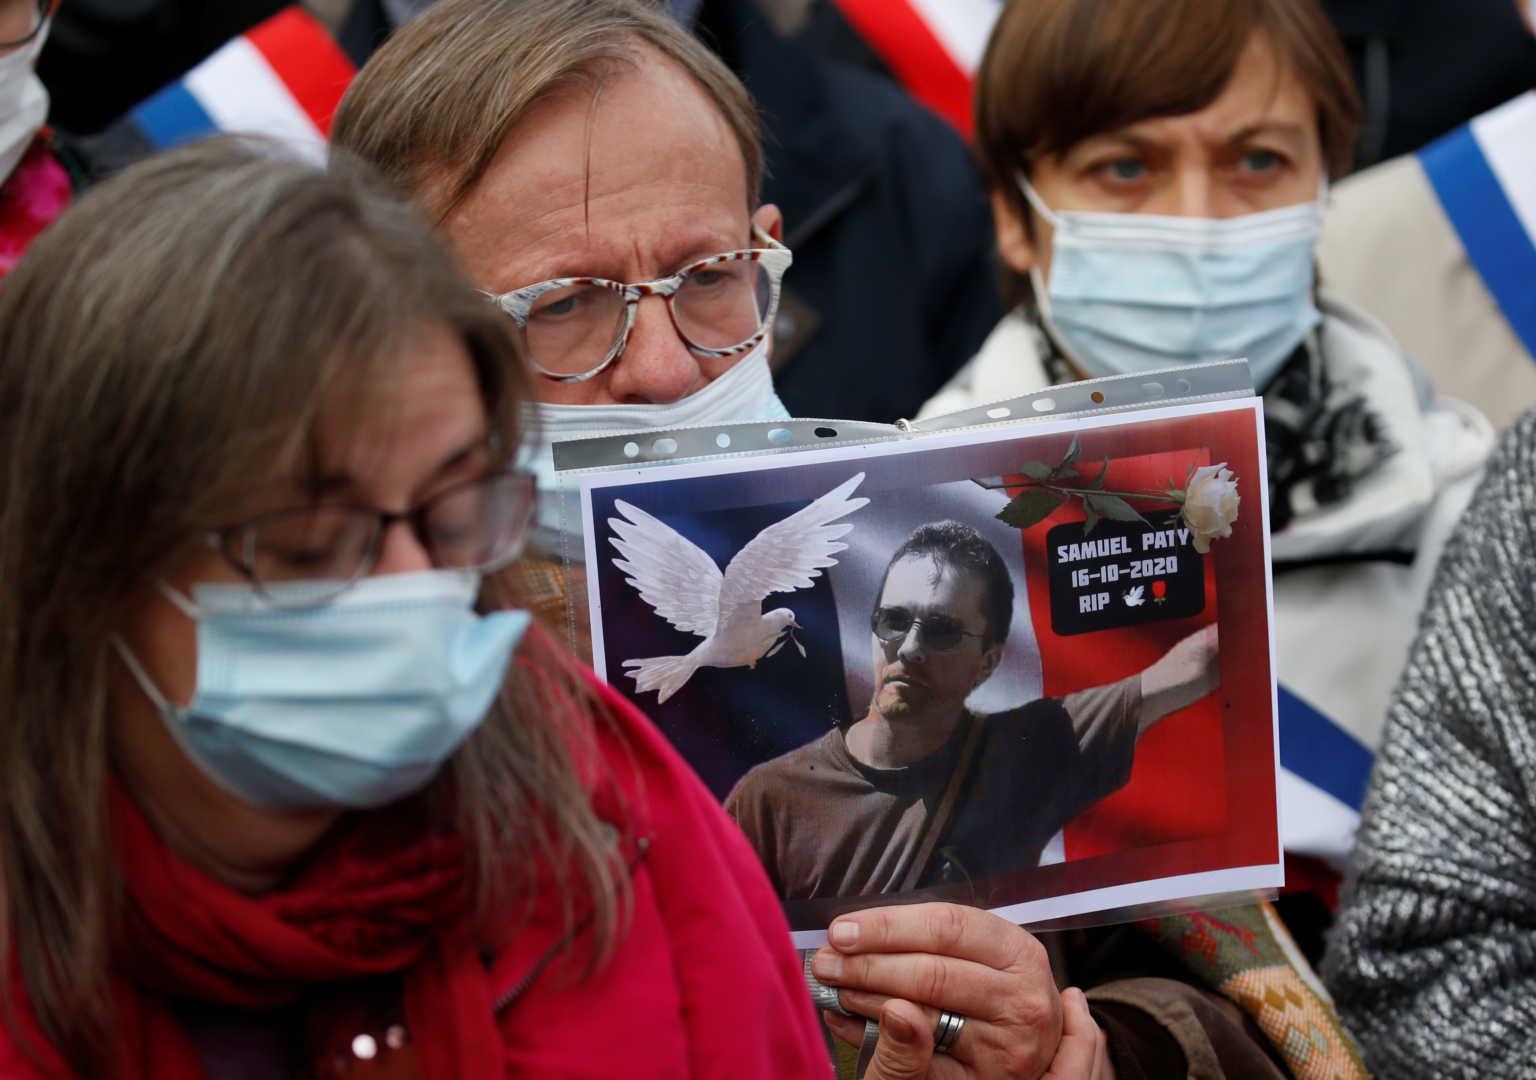 Βρήκαν φωτογραφία του καθηγητή που αποκεφάλισαν στο Παρίσι, σε σπίτι ύποπτης για ισλαμιστική επίθεση